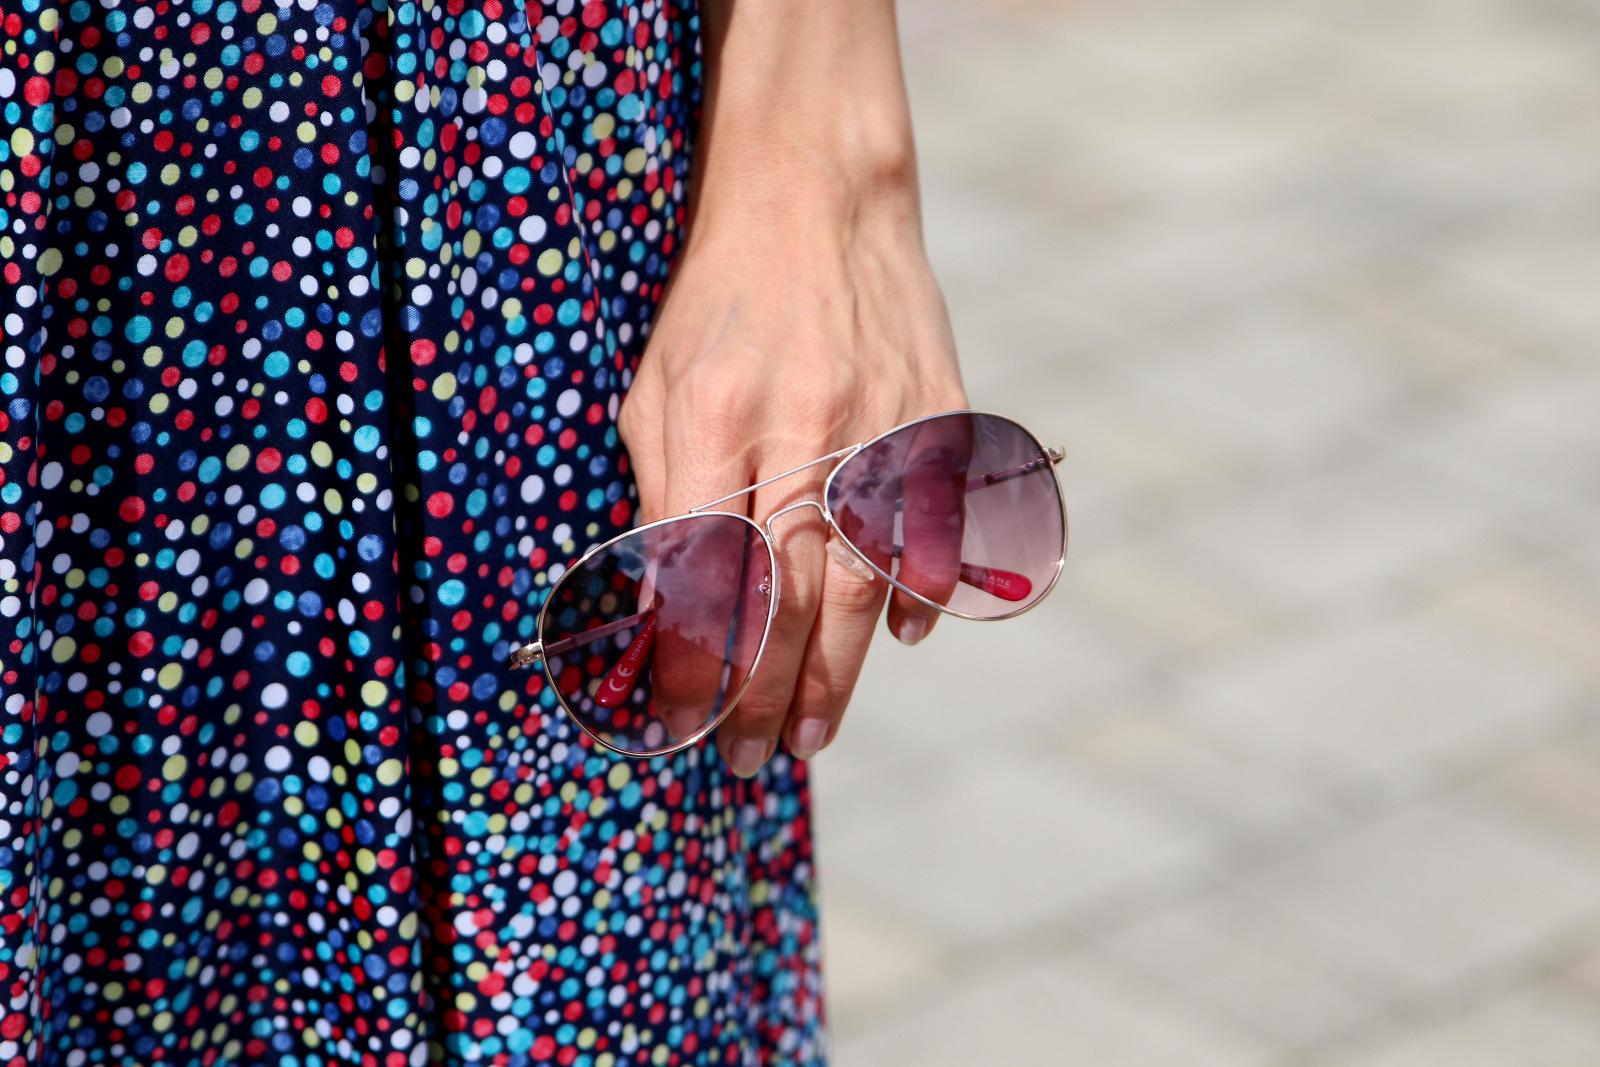 farebné bodkované šaty s ružovými doplnkami